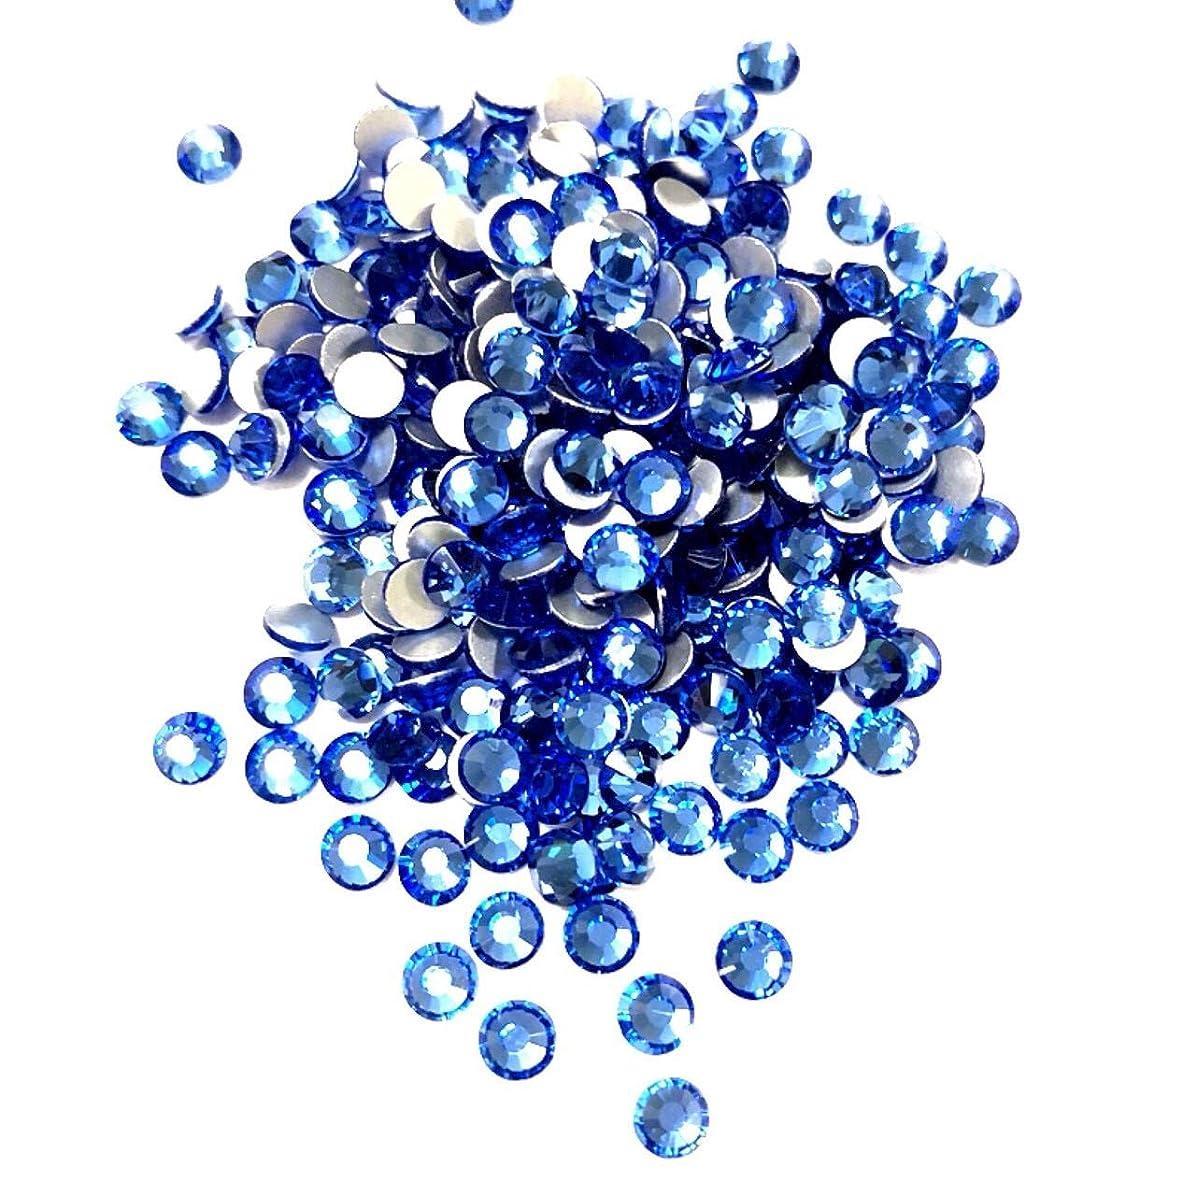 お誕生日先見の明類推【ネイルウーマン】最高品質ガラスストーン!スワロ同等の輝き! ライトサファイア ブルー 水色 (約100粒入り) (ライトサファイア) (SS4, ライトサファイア)